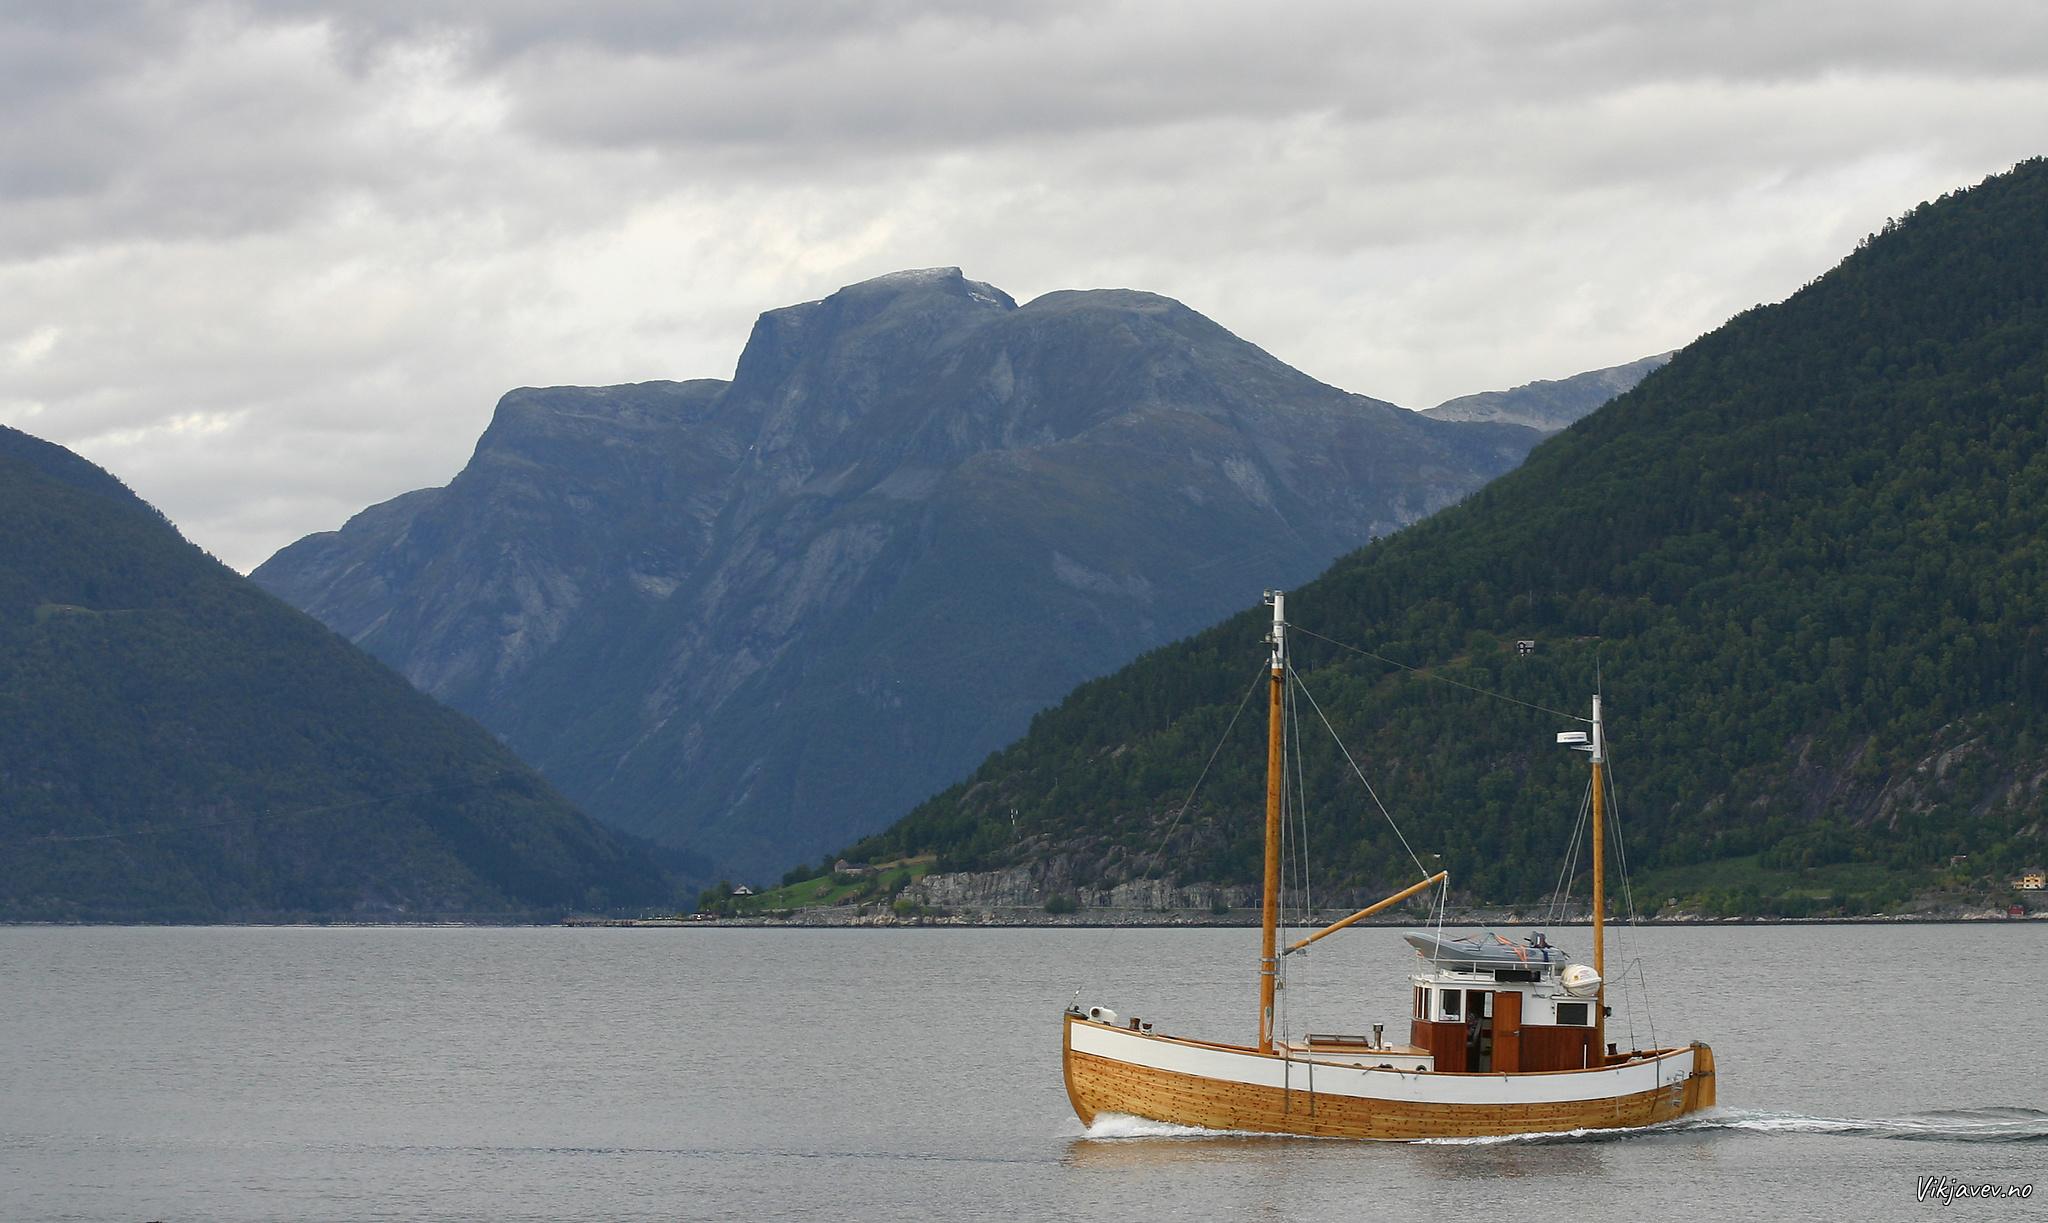 Båt ved Vangsnes